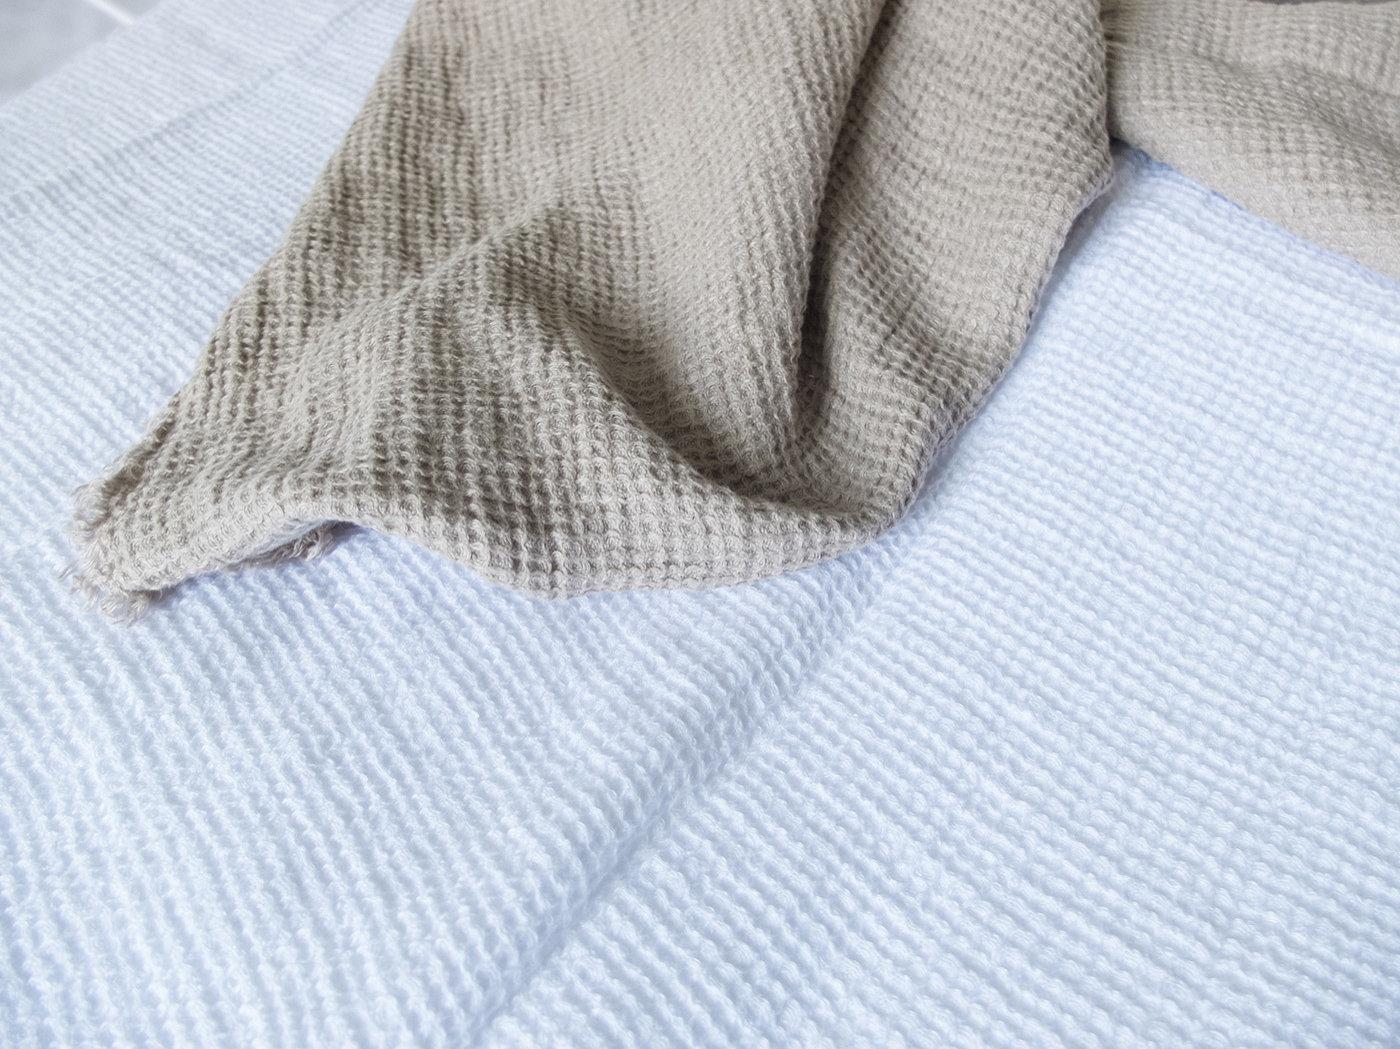 Zoeppritz Decken Eigenschaften : Zoeppritz decken eigenschaften schlafzimmer wandfarbe konzeption